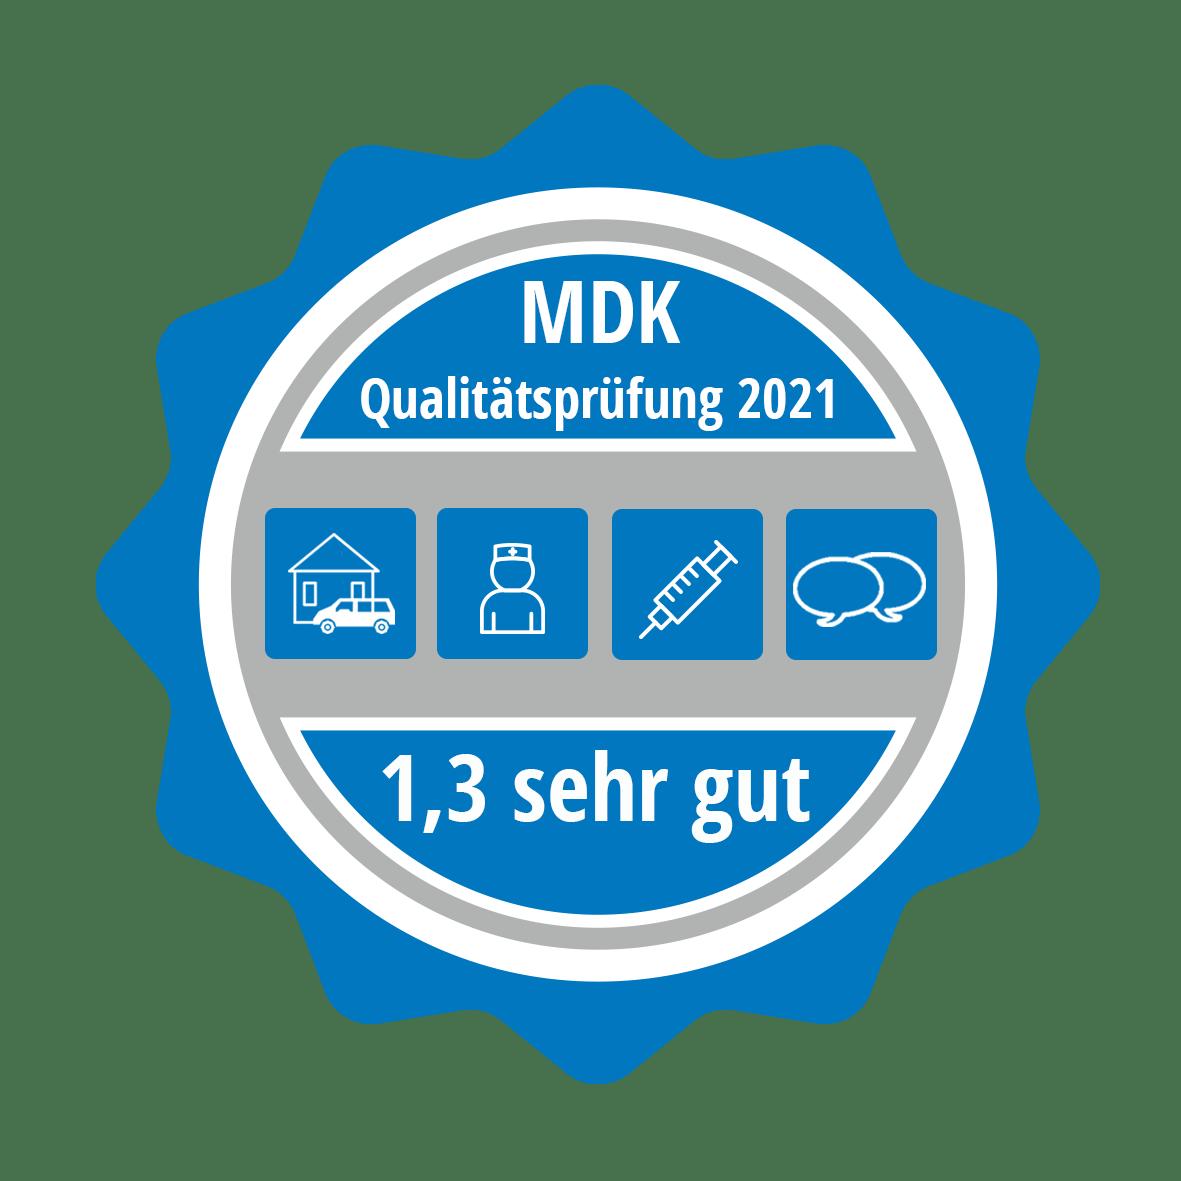 MDK Qualitätsprüfung 2021